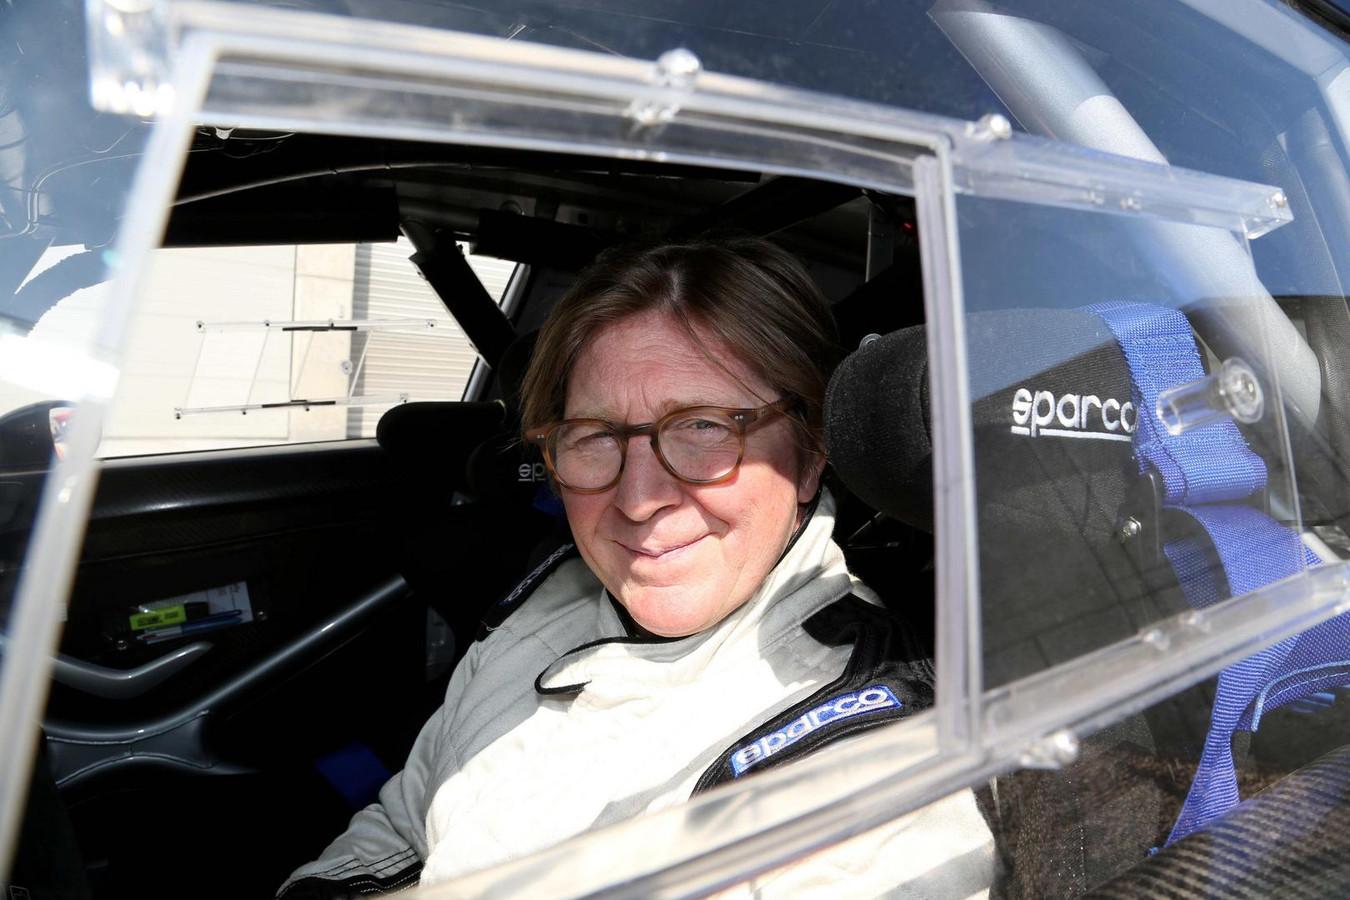 Begin 2016 kreeg Cracco te horen dat er een kwaadaardig gezwel was gevonden tijdens een medisch onderzoek naar aanleiding van het nieuwe raceseizoen - Cracco was 22 jaar lang rallypiloot, zijn favoriete hobby.